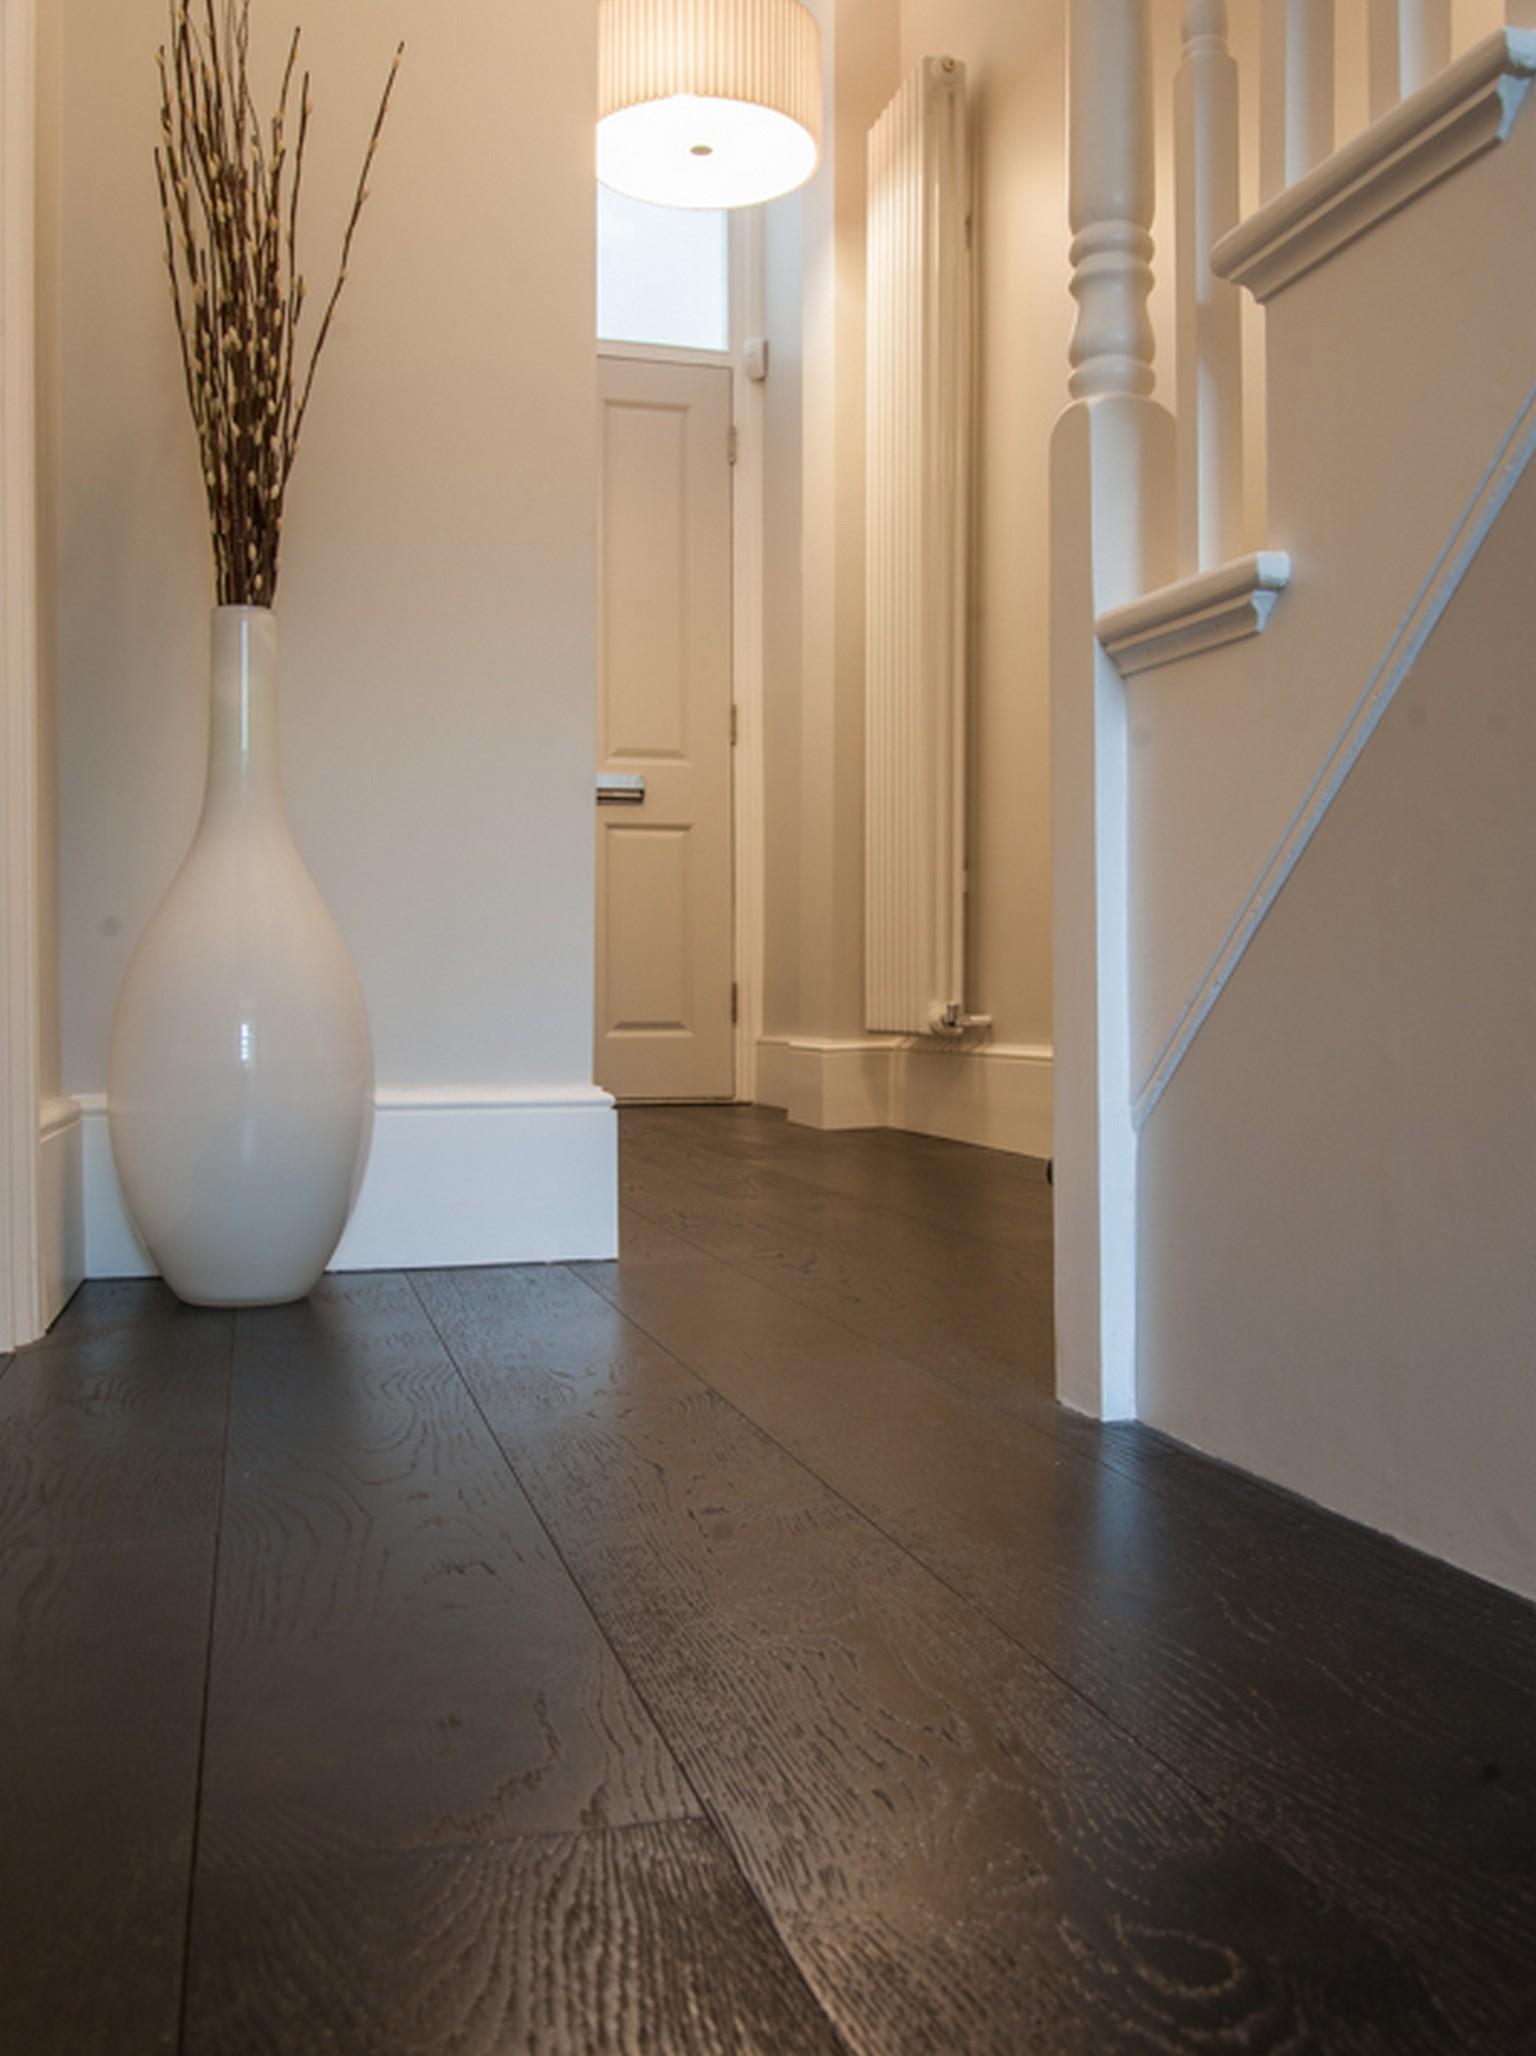 luxury wood flooring and white vase